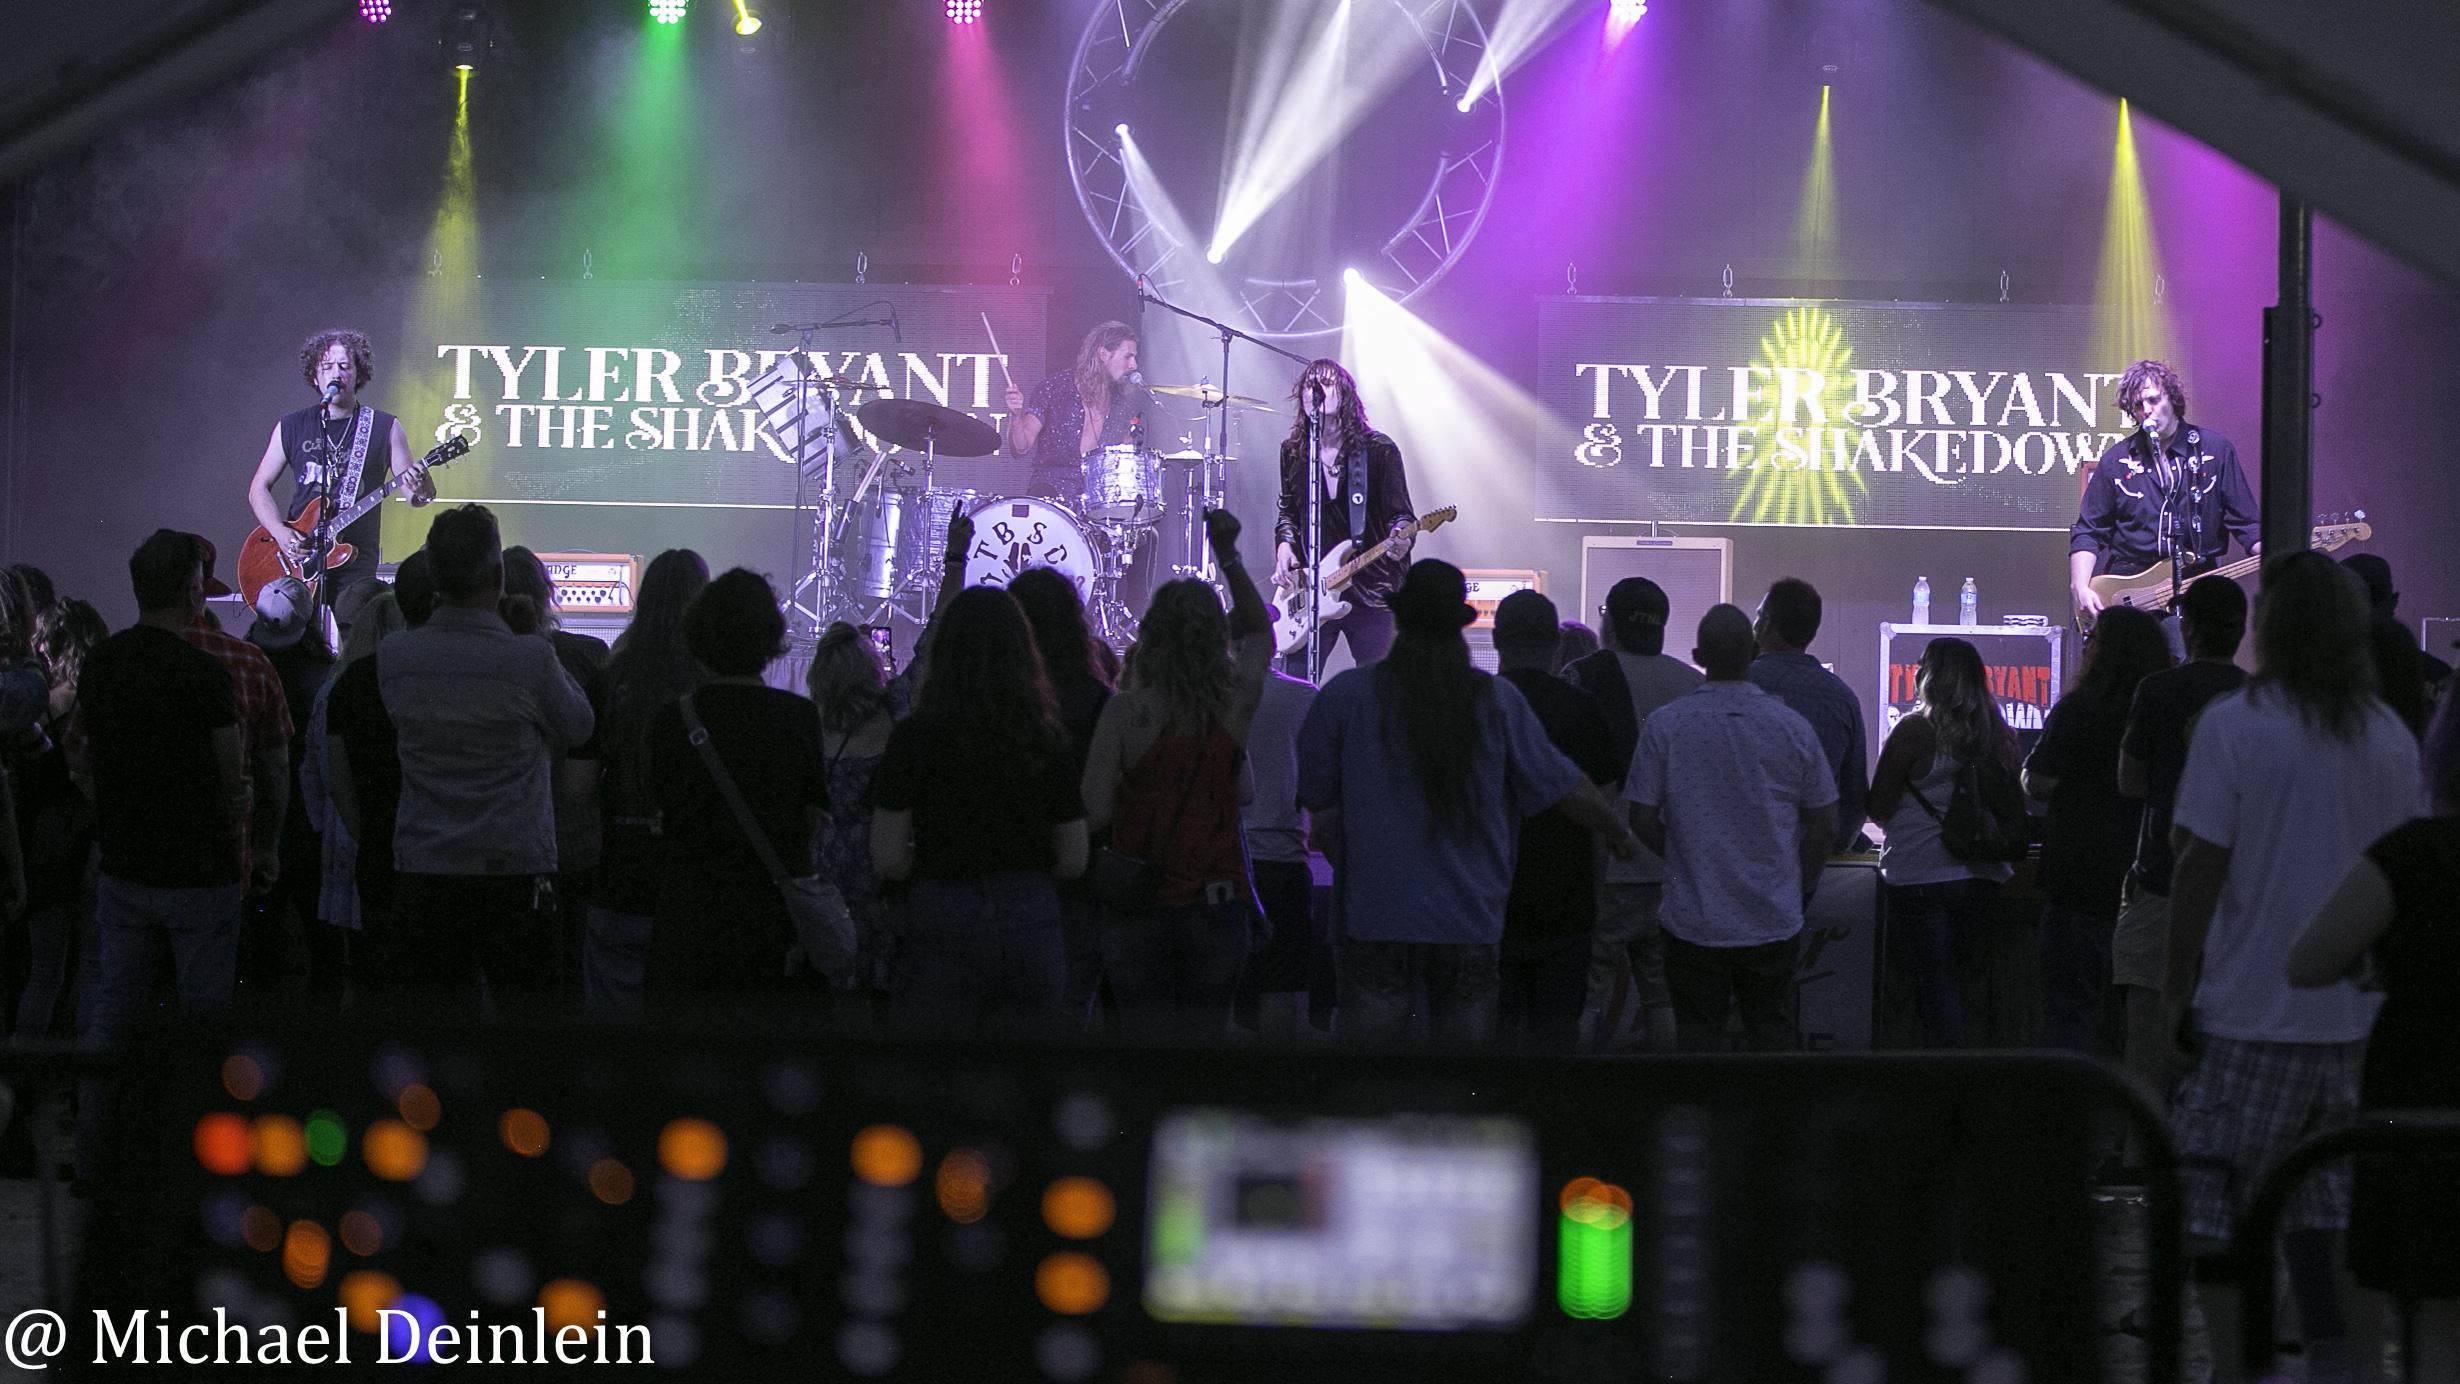 TylerBryantandTheShakedown-JDLegends-Franklin_OH-20210718-MichaelDeinlein-1B